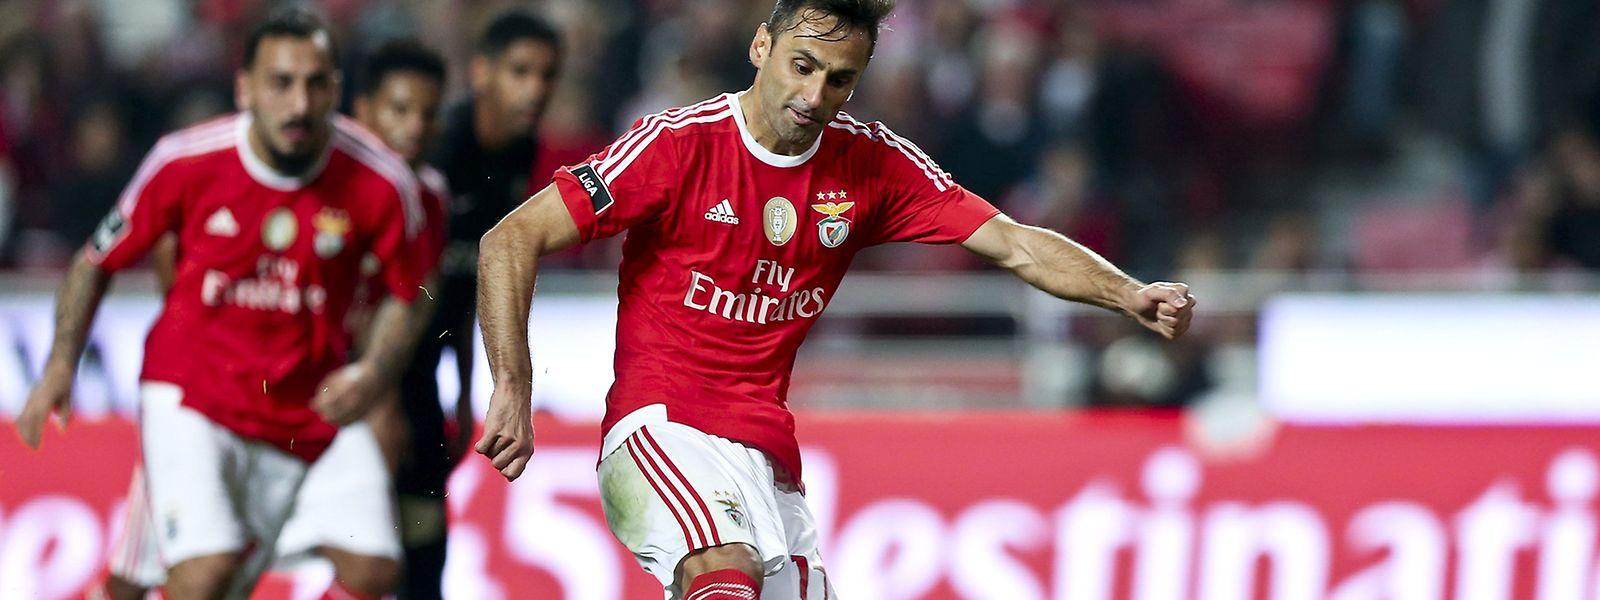 Jonas deverá ser um dos ausentes da equipa titular dos encarnados frente ao Sporting de Braga